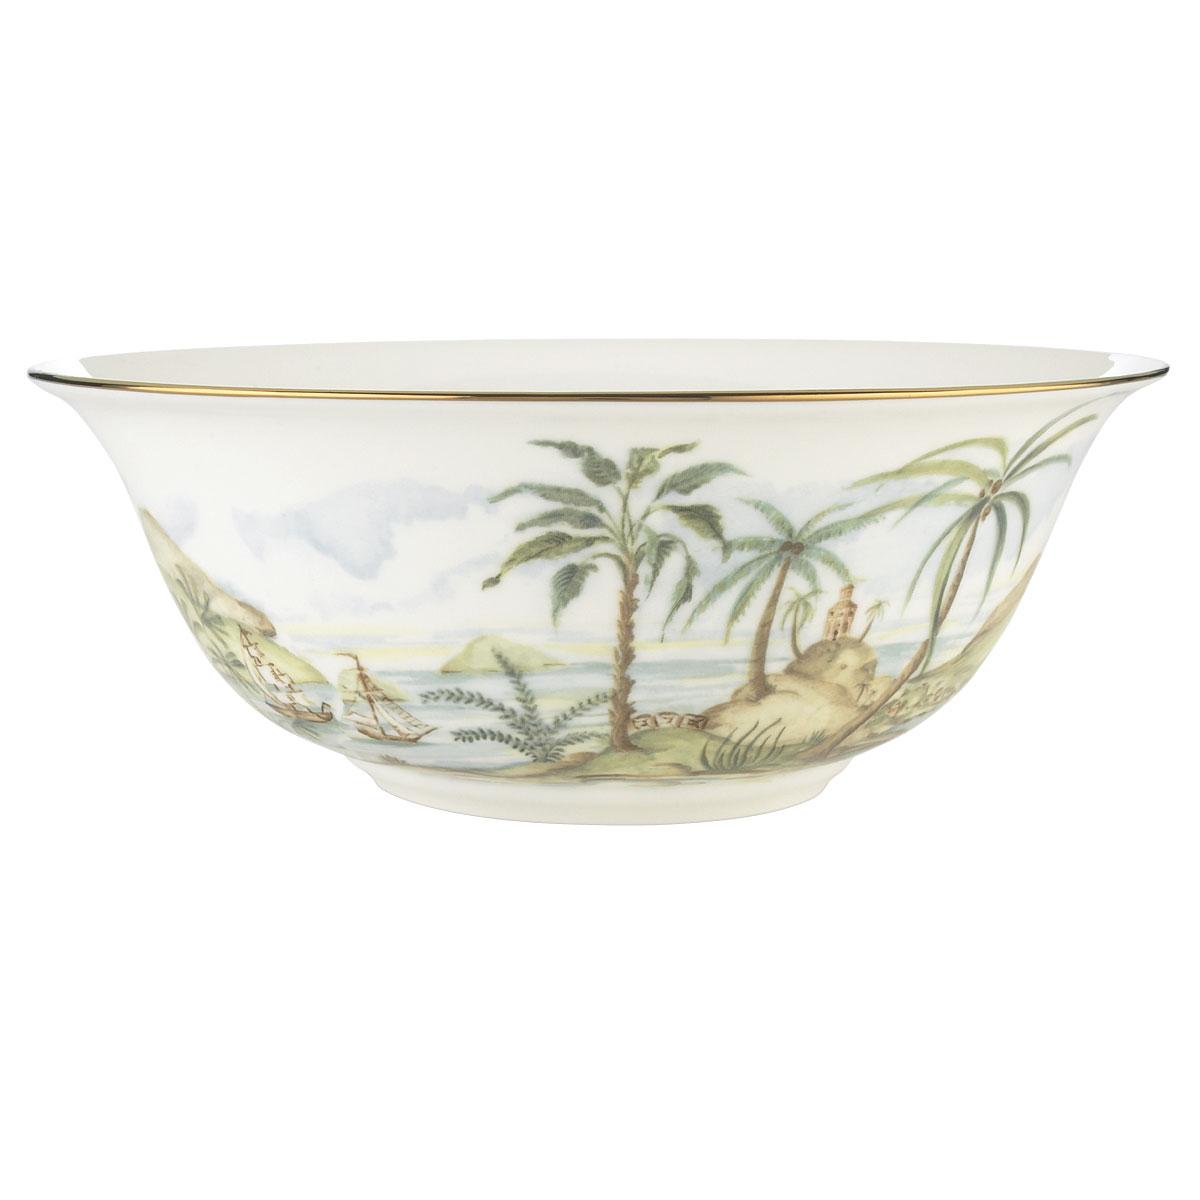 Lenox British Colonial Dinnerware Serving Bowl